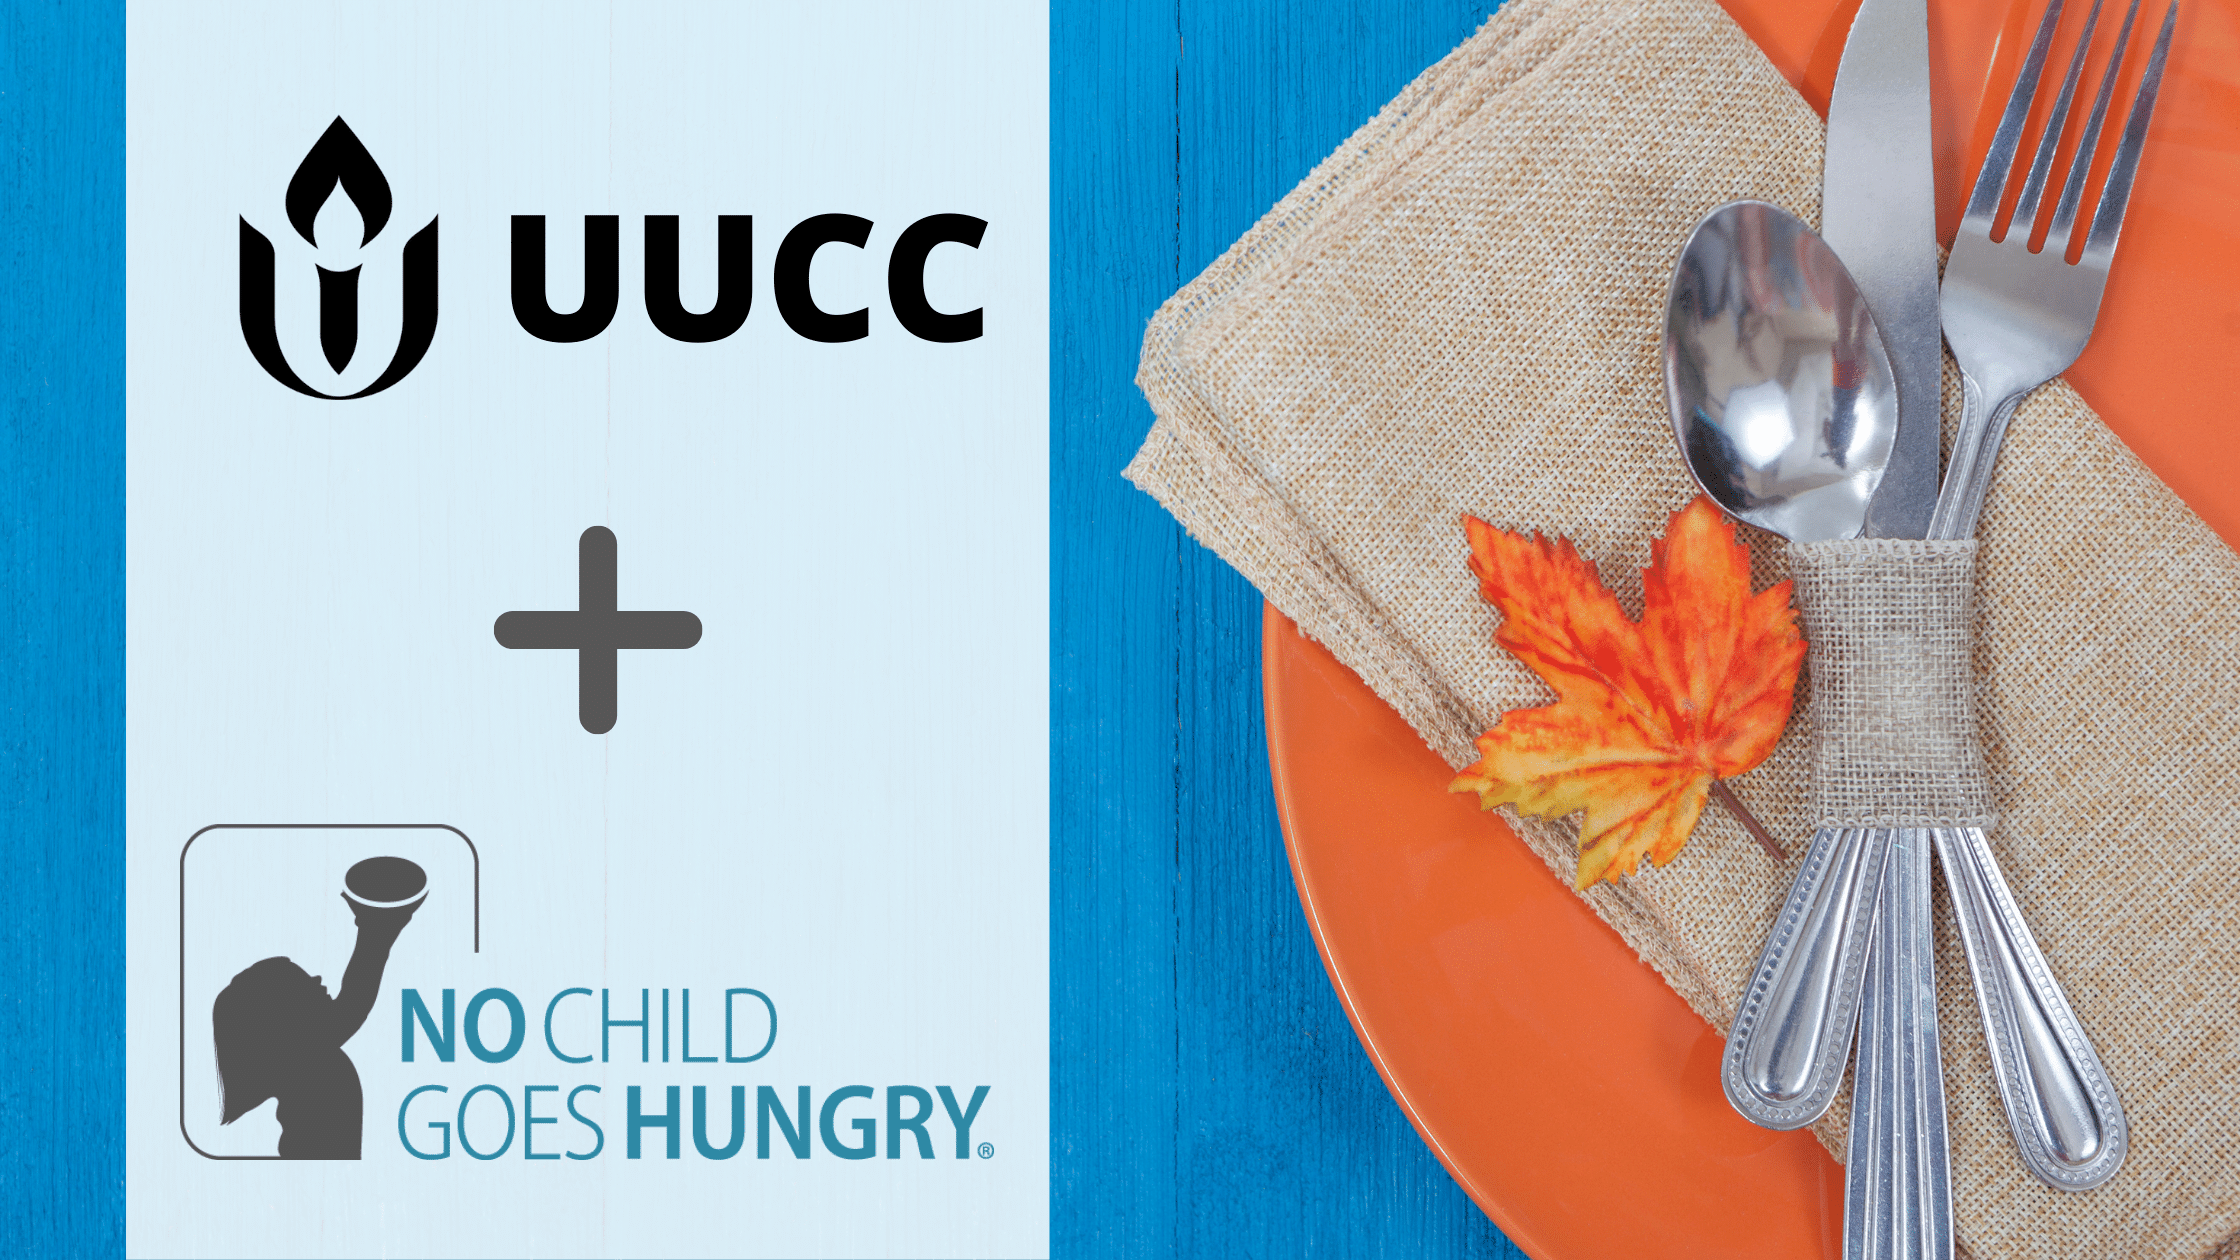 UUCC Maryland Food Donation